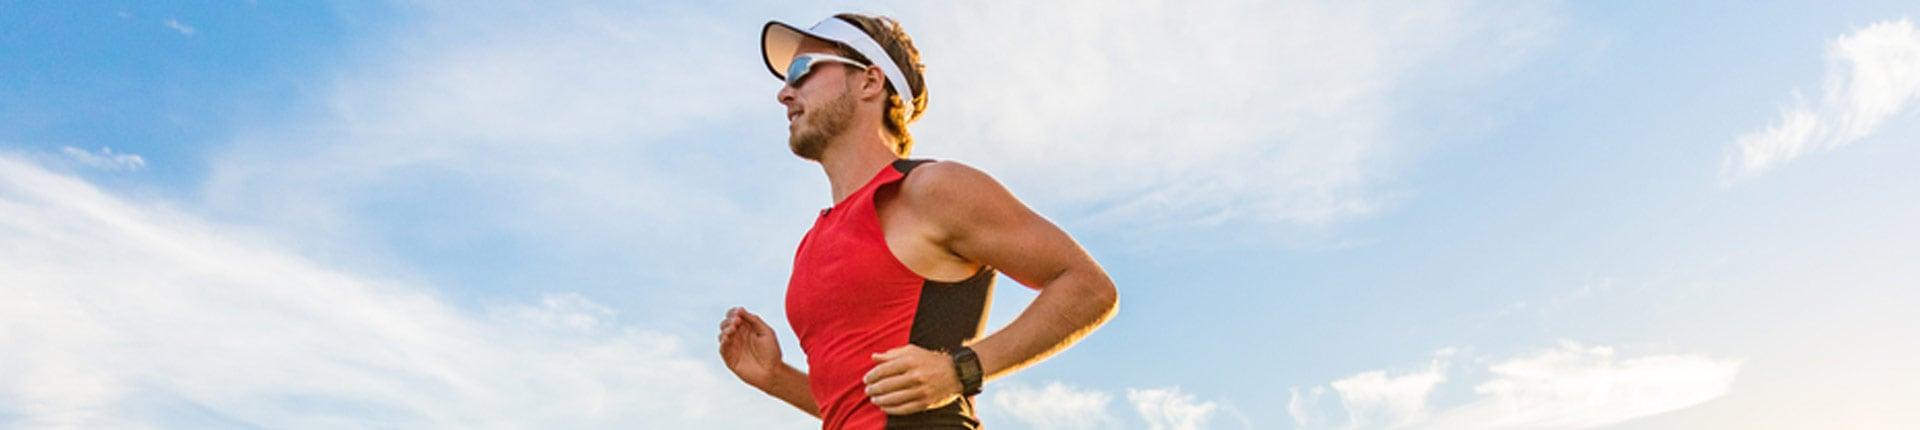 Kompletna suplementacja dla biegacza